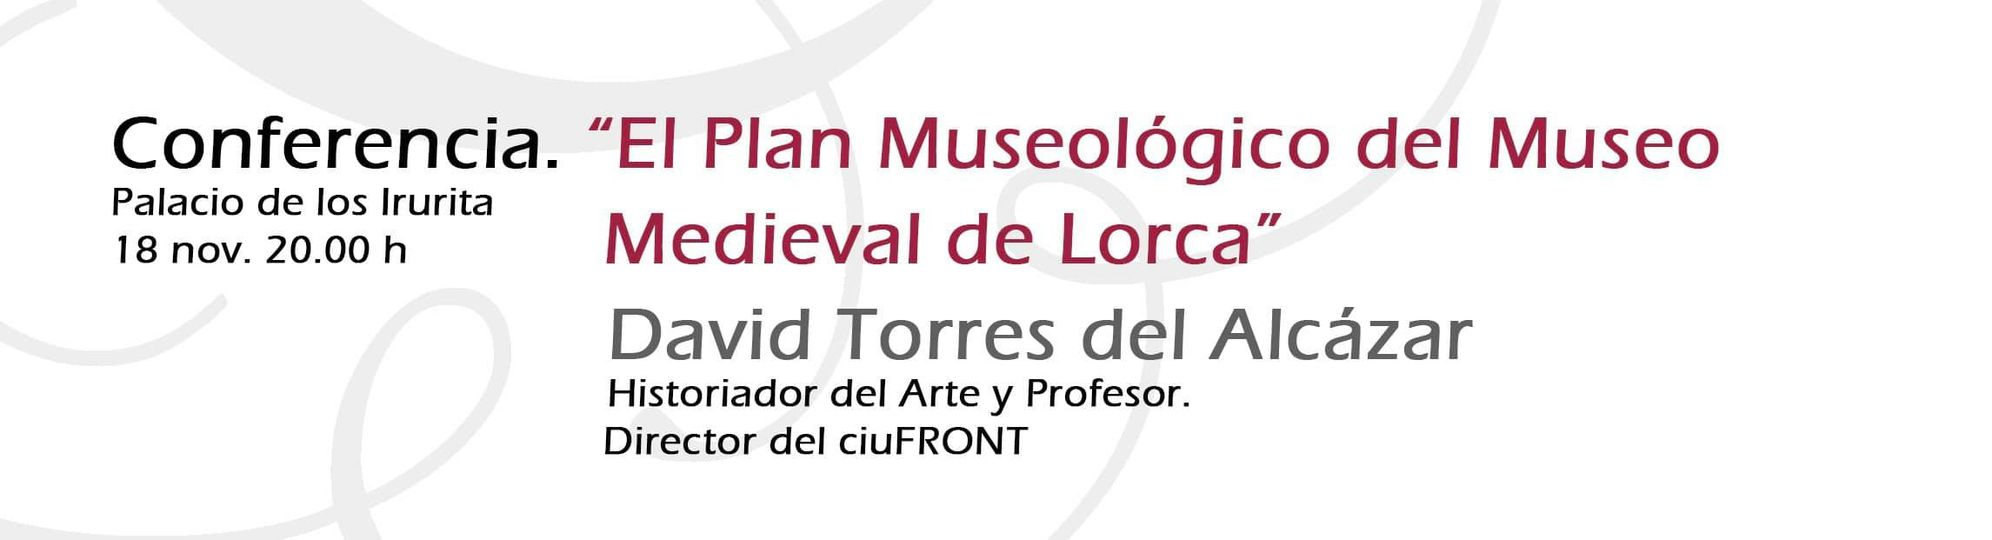 Conferencia: El plan museológico del museo medieval de Lorca